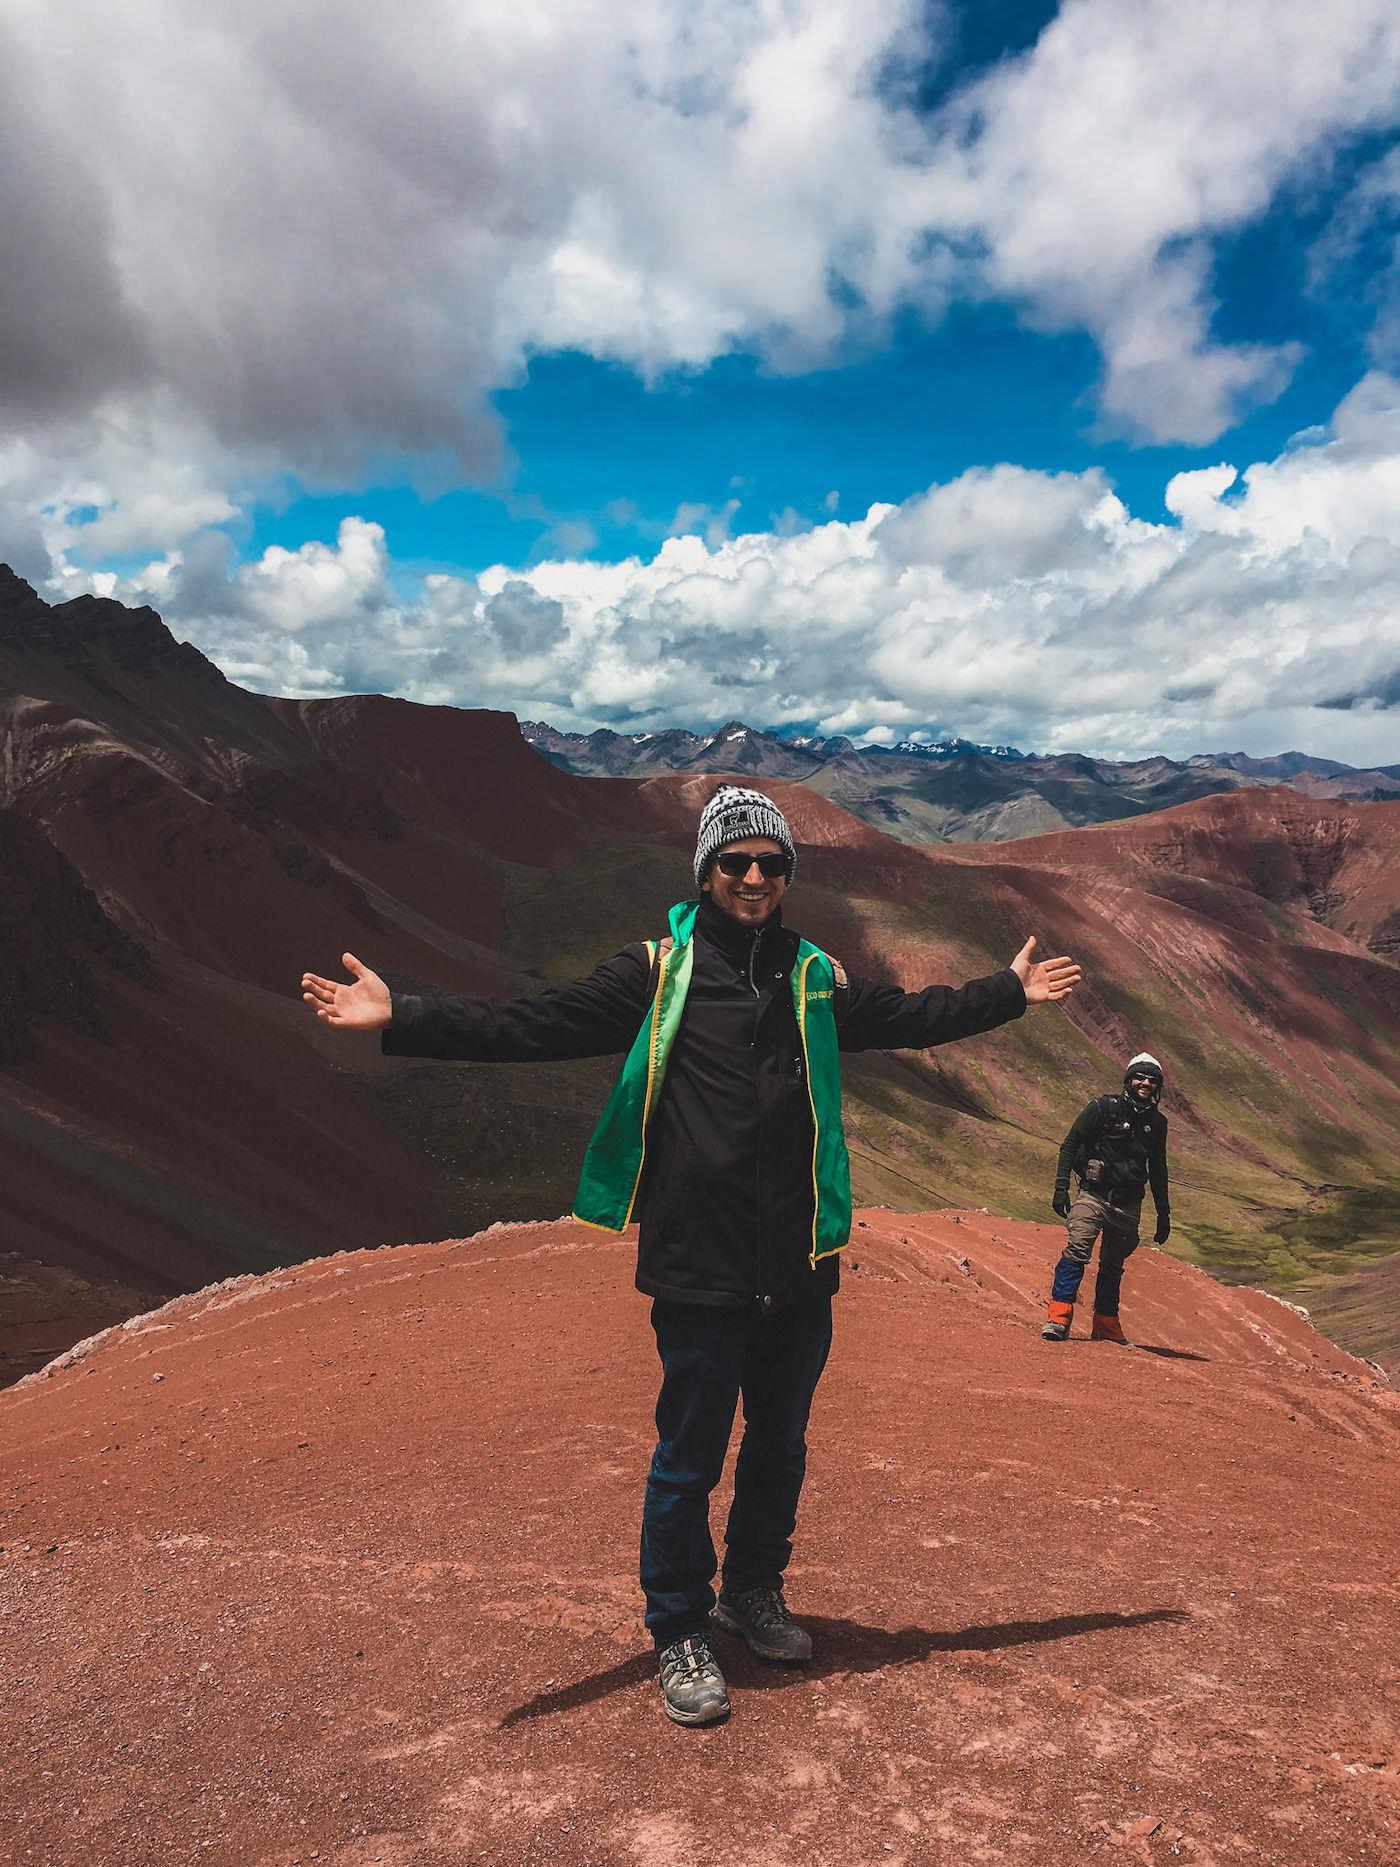 Zdjęcie na szczycie czerwonej doliny